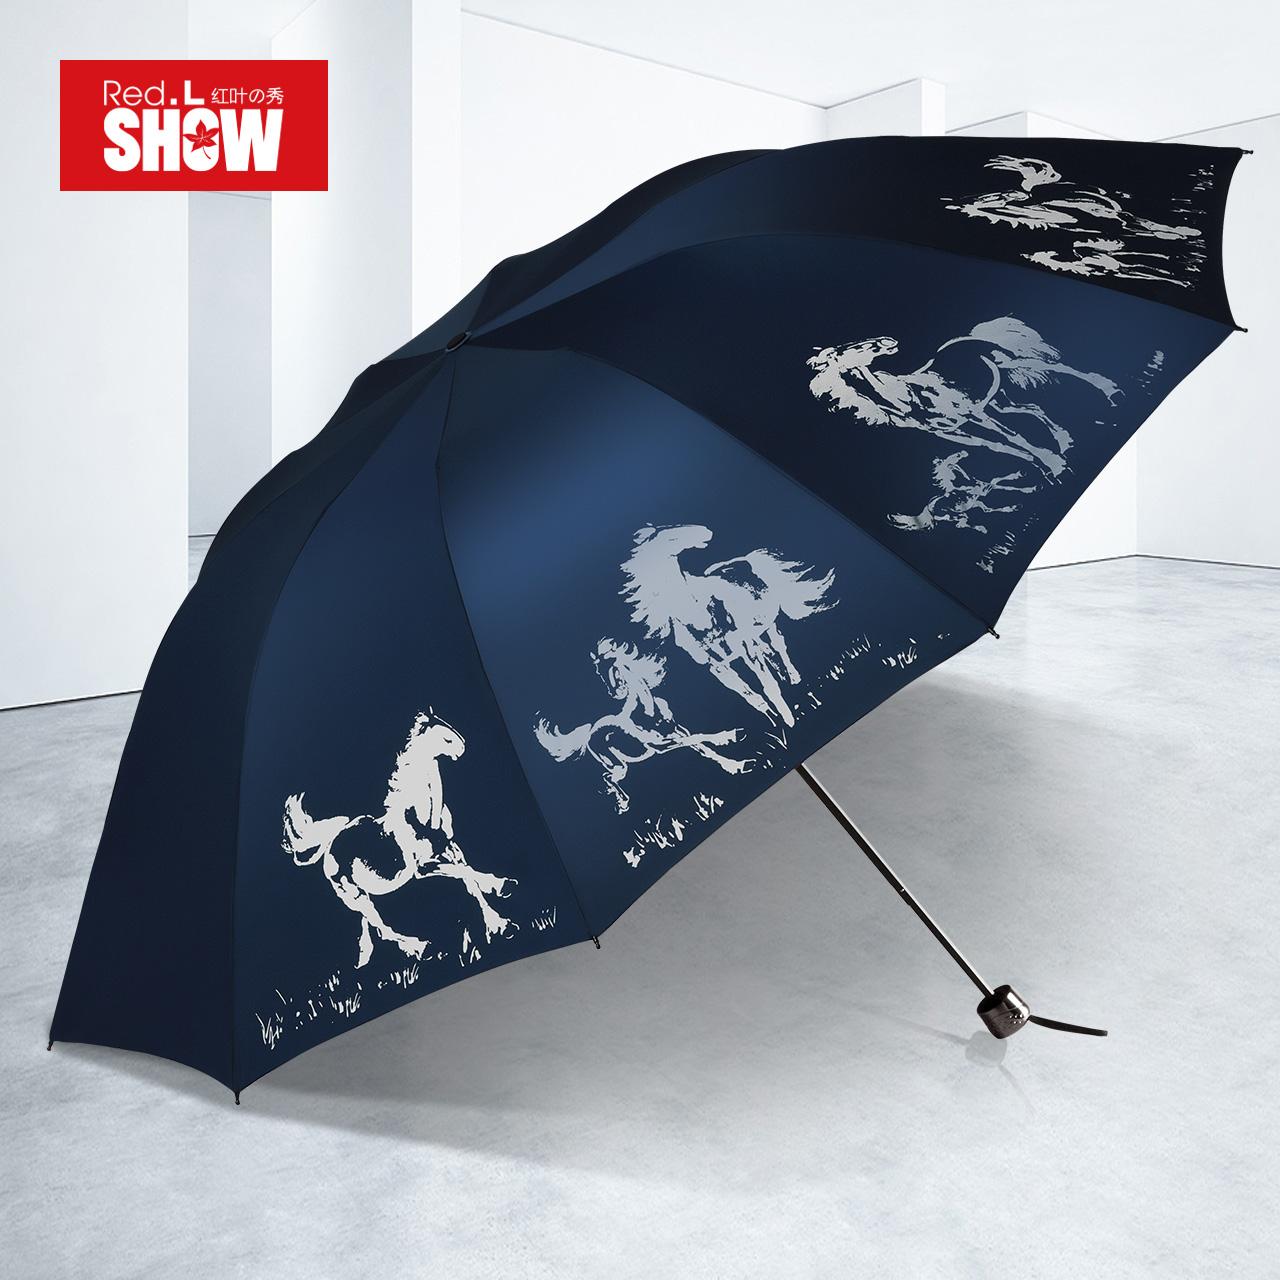 红叶伞折叠晴雨两用双人大号 雨伞大号加固折叠三人 学生雨伞男士